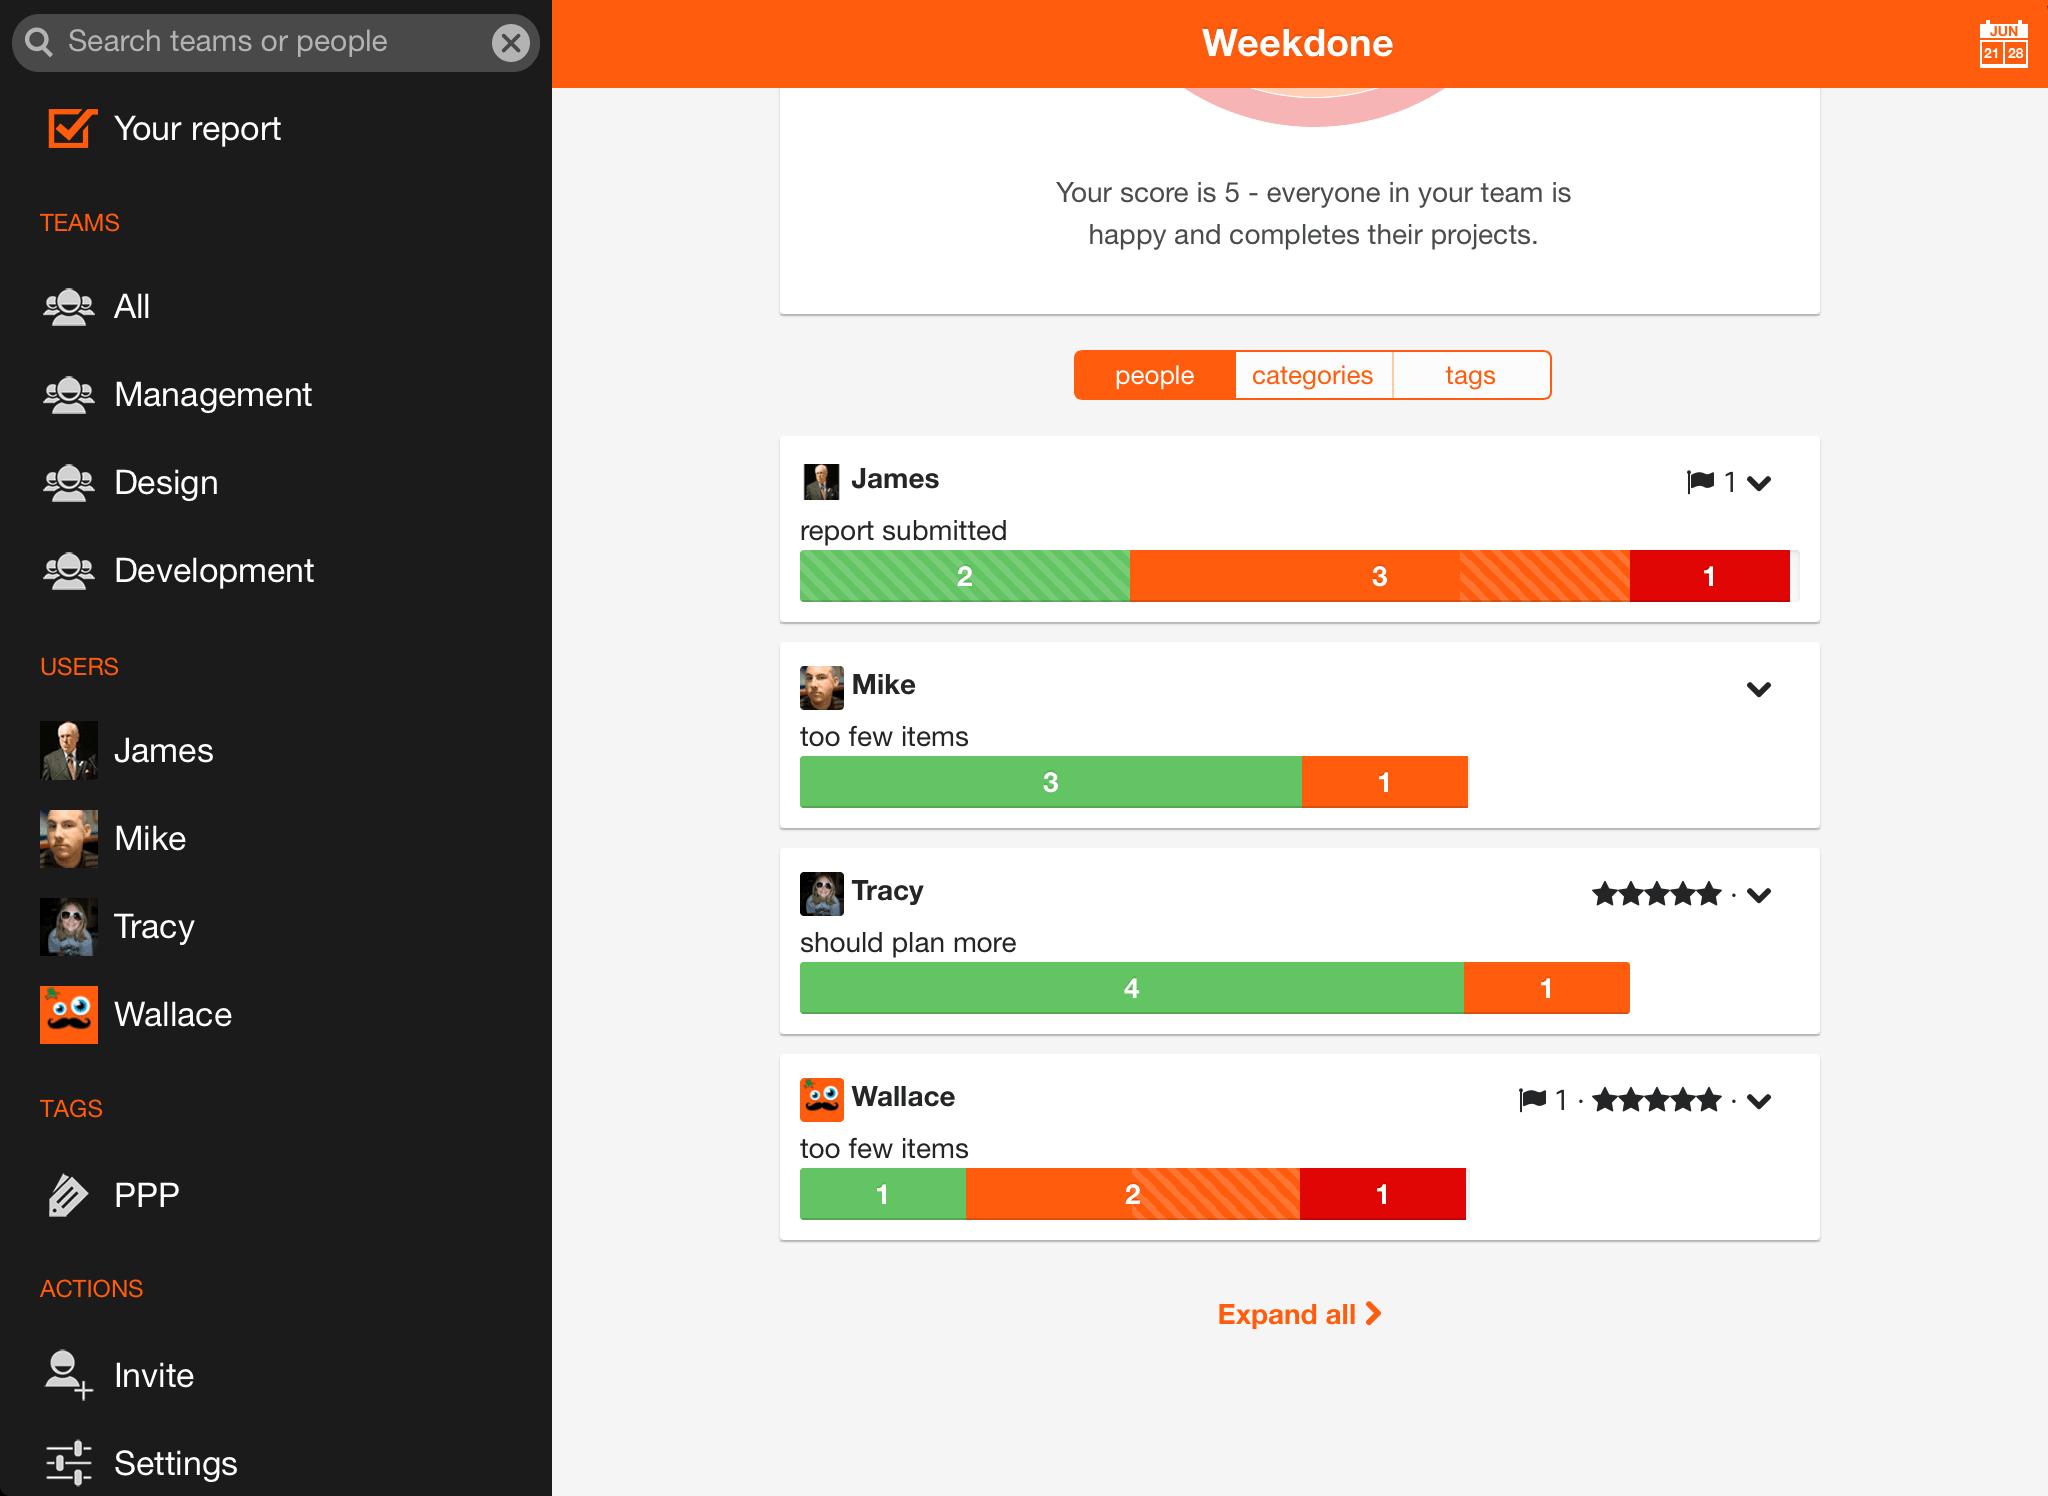 Weekdone-Remote-Work-Software